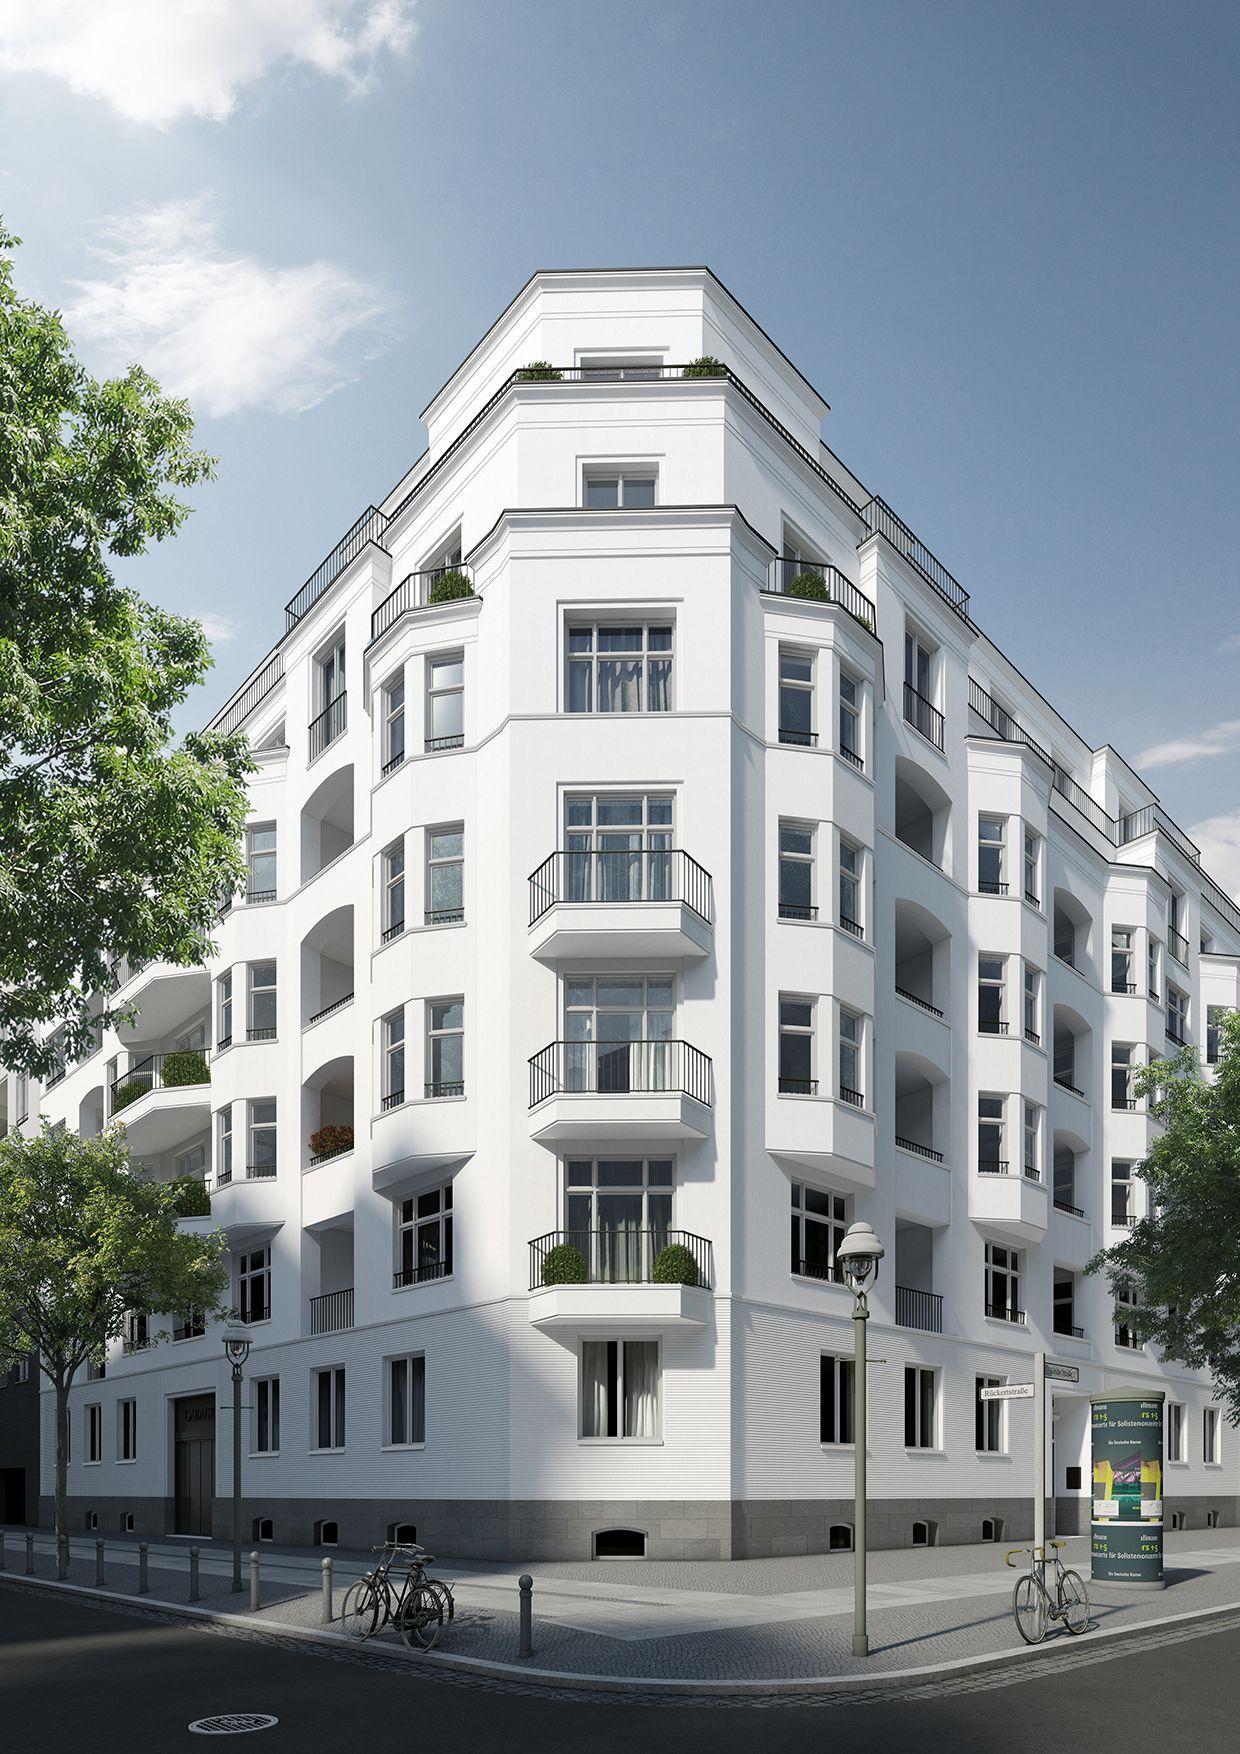 Design 54 Berlin wohnhaus mit 54 wohneinheiten in berlin charlottenburg exterior